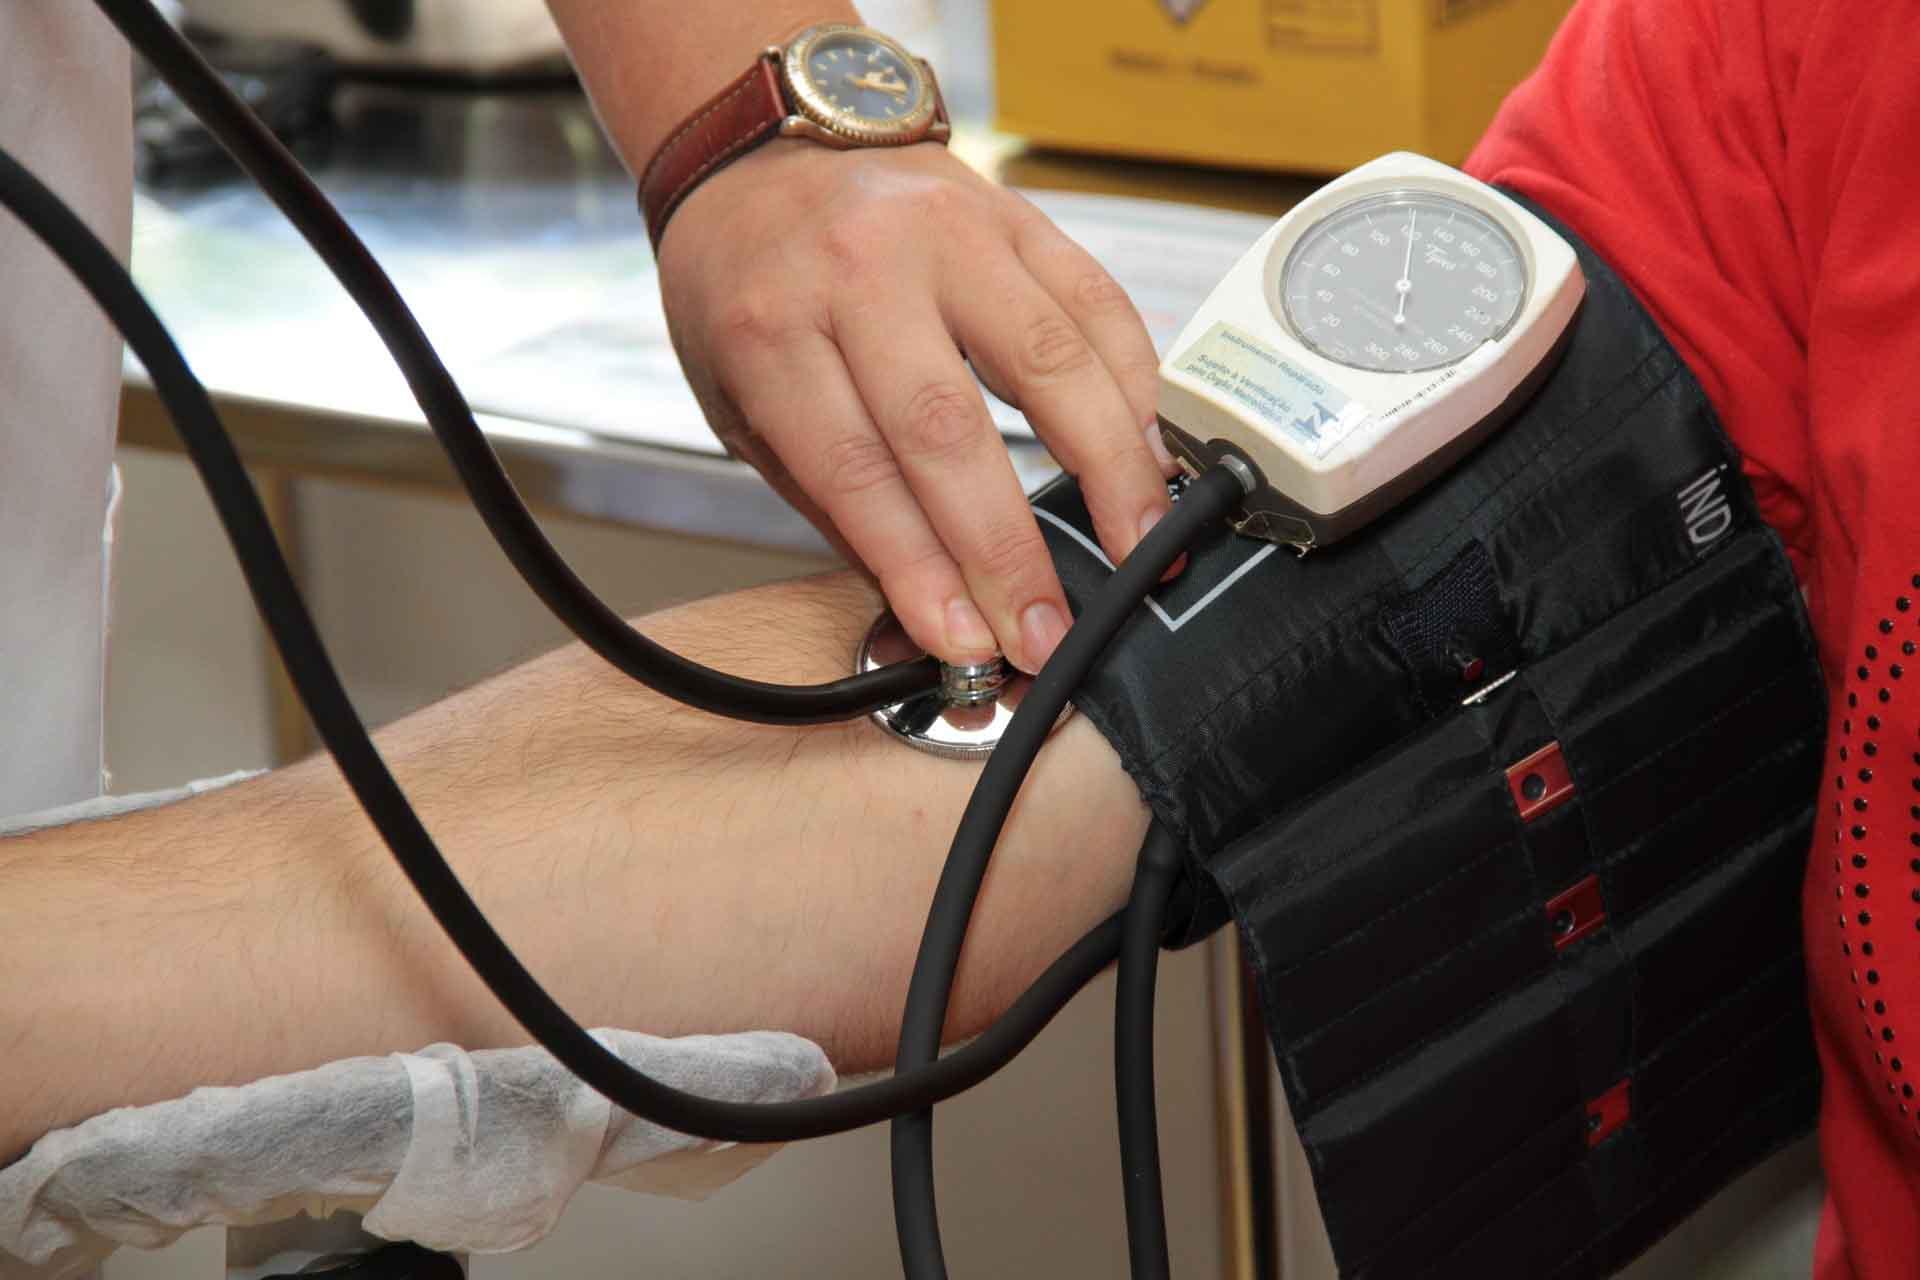 Enfermero tomando tensión de paciente